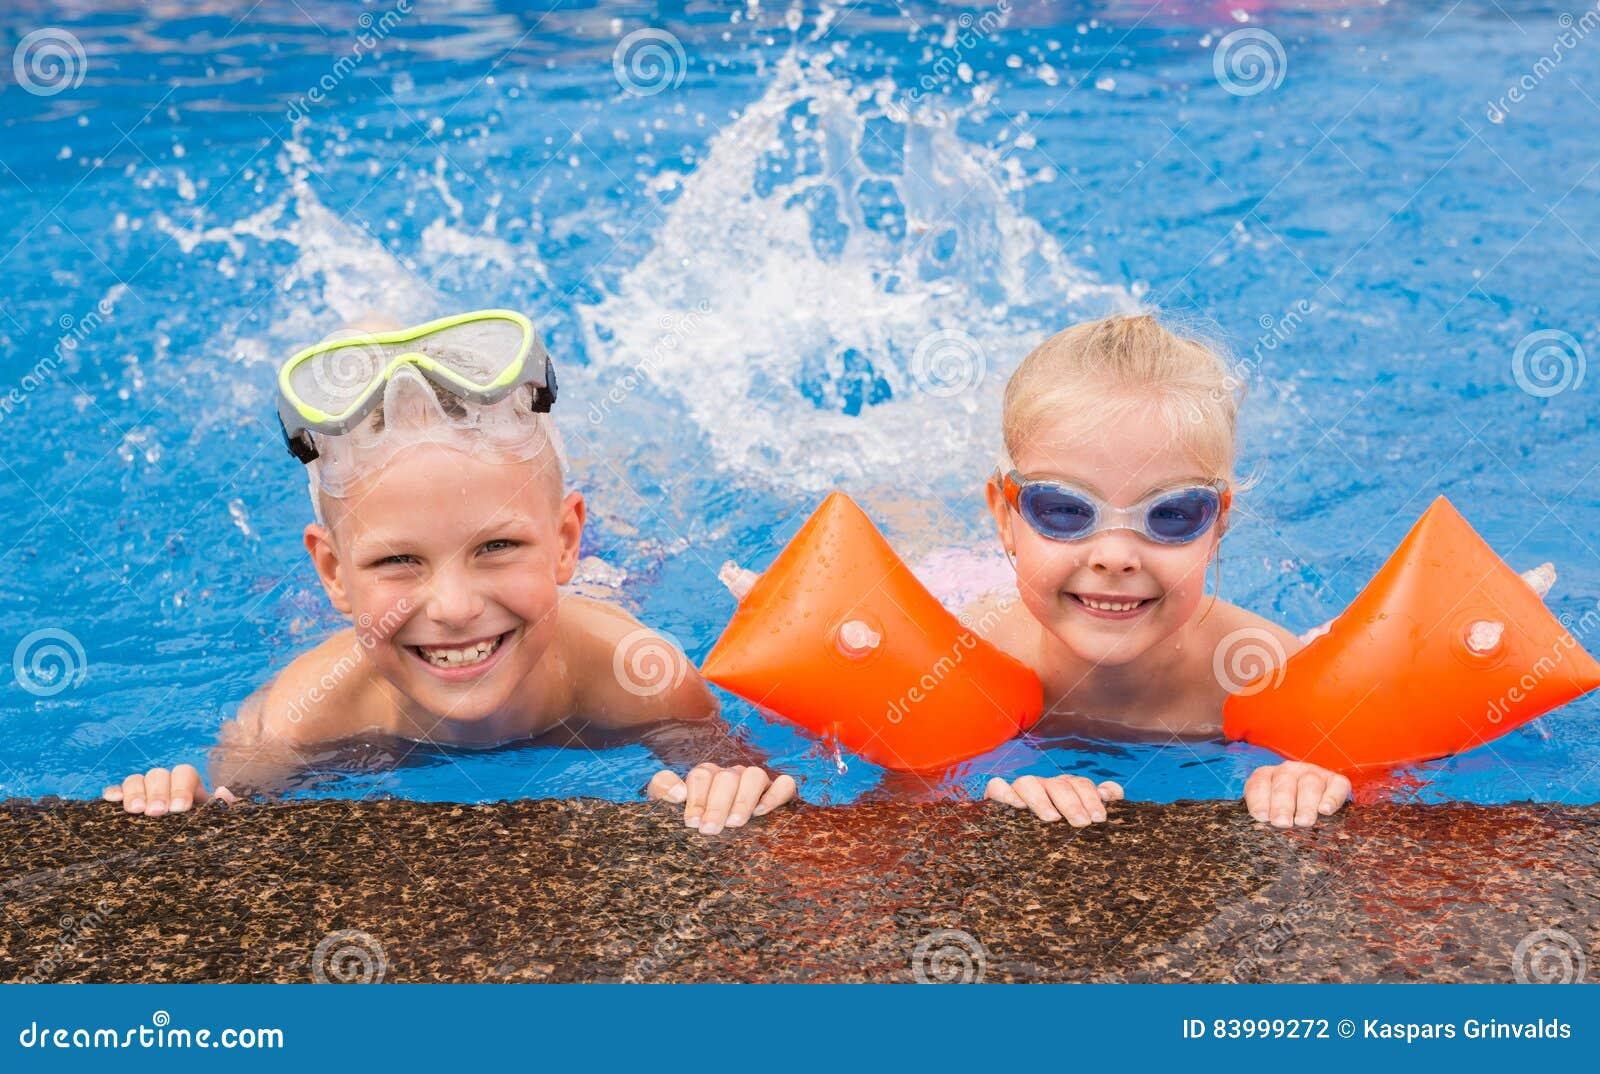 kinder die im swimmingpool spielen stockfoto bild von gl ser freude 83999272. Black Bedroom Furniture Sets. Home Design Ideas